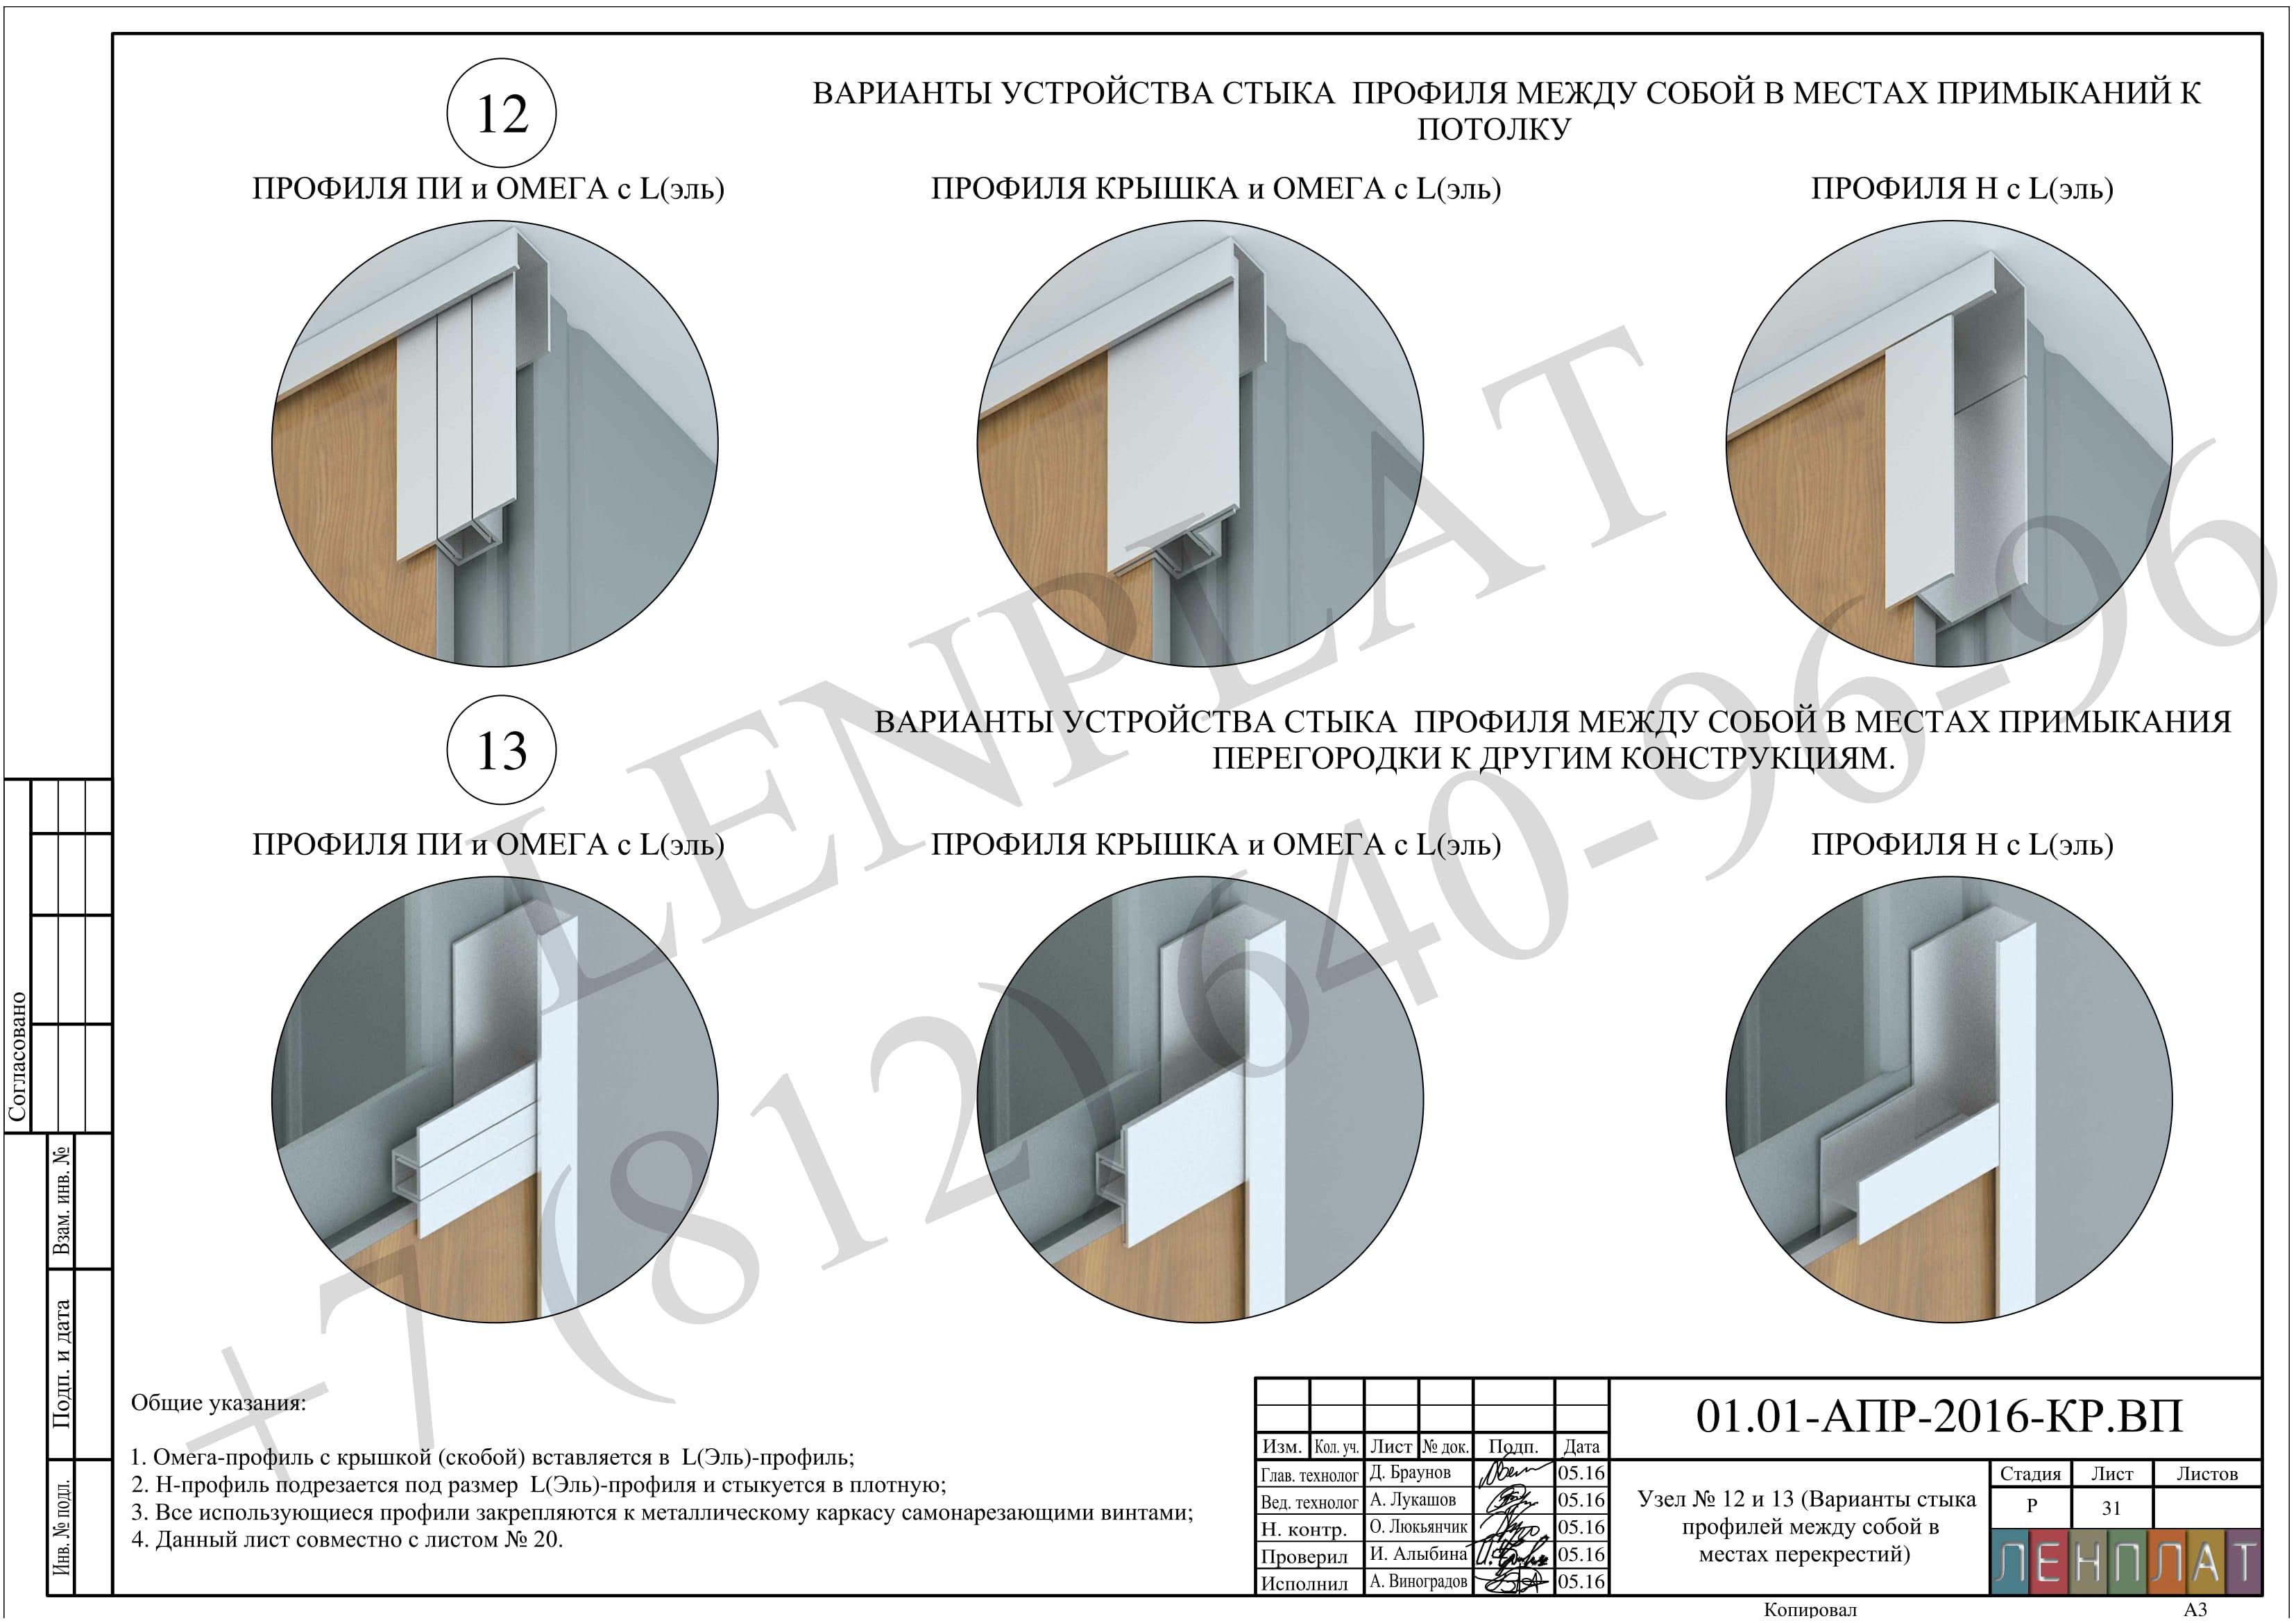 варианты устройства стыка профиля между собой в местах примыкания к потолку